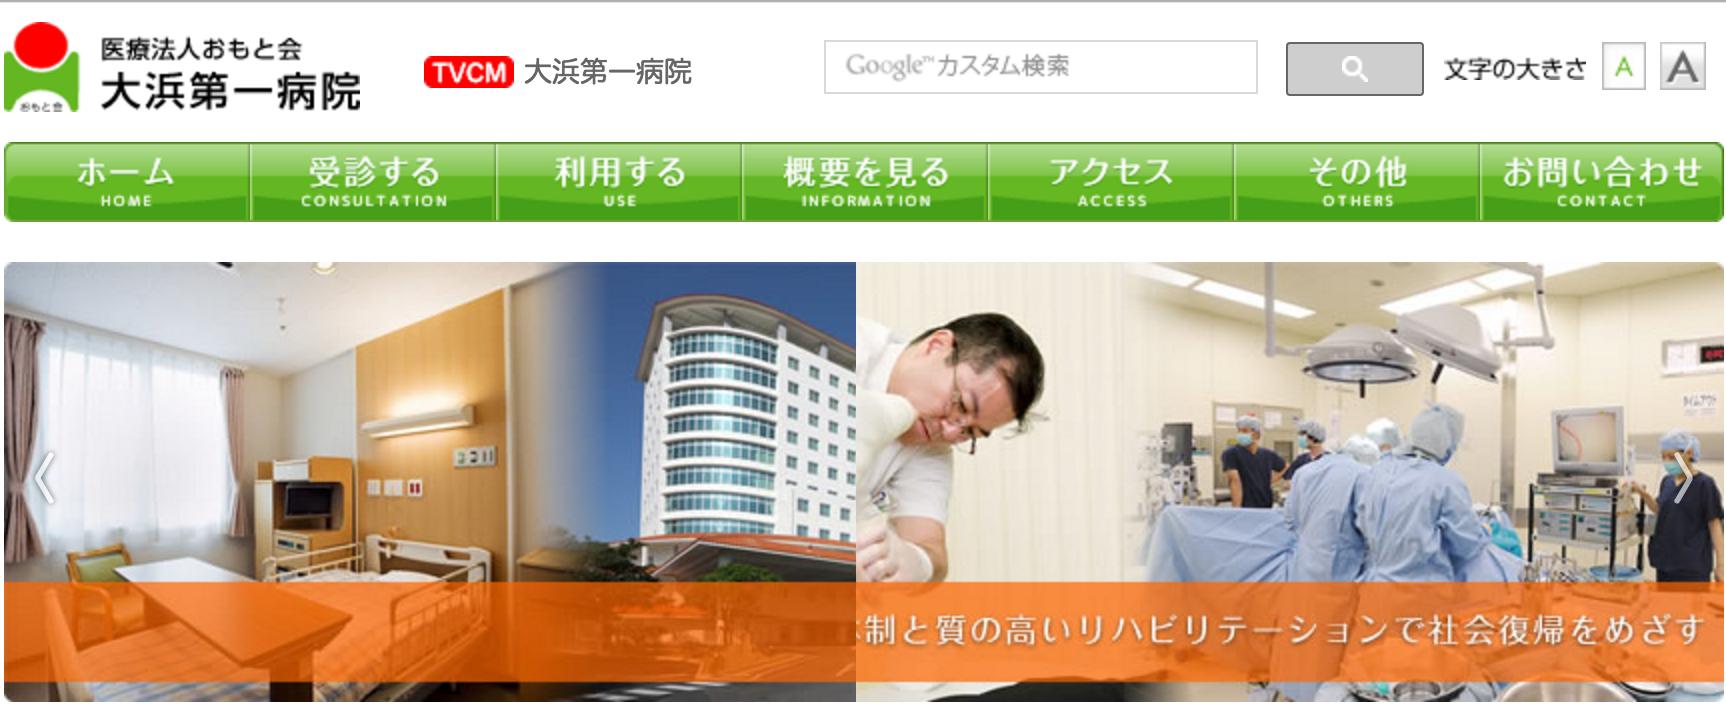 おもと会大浜第一病院